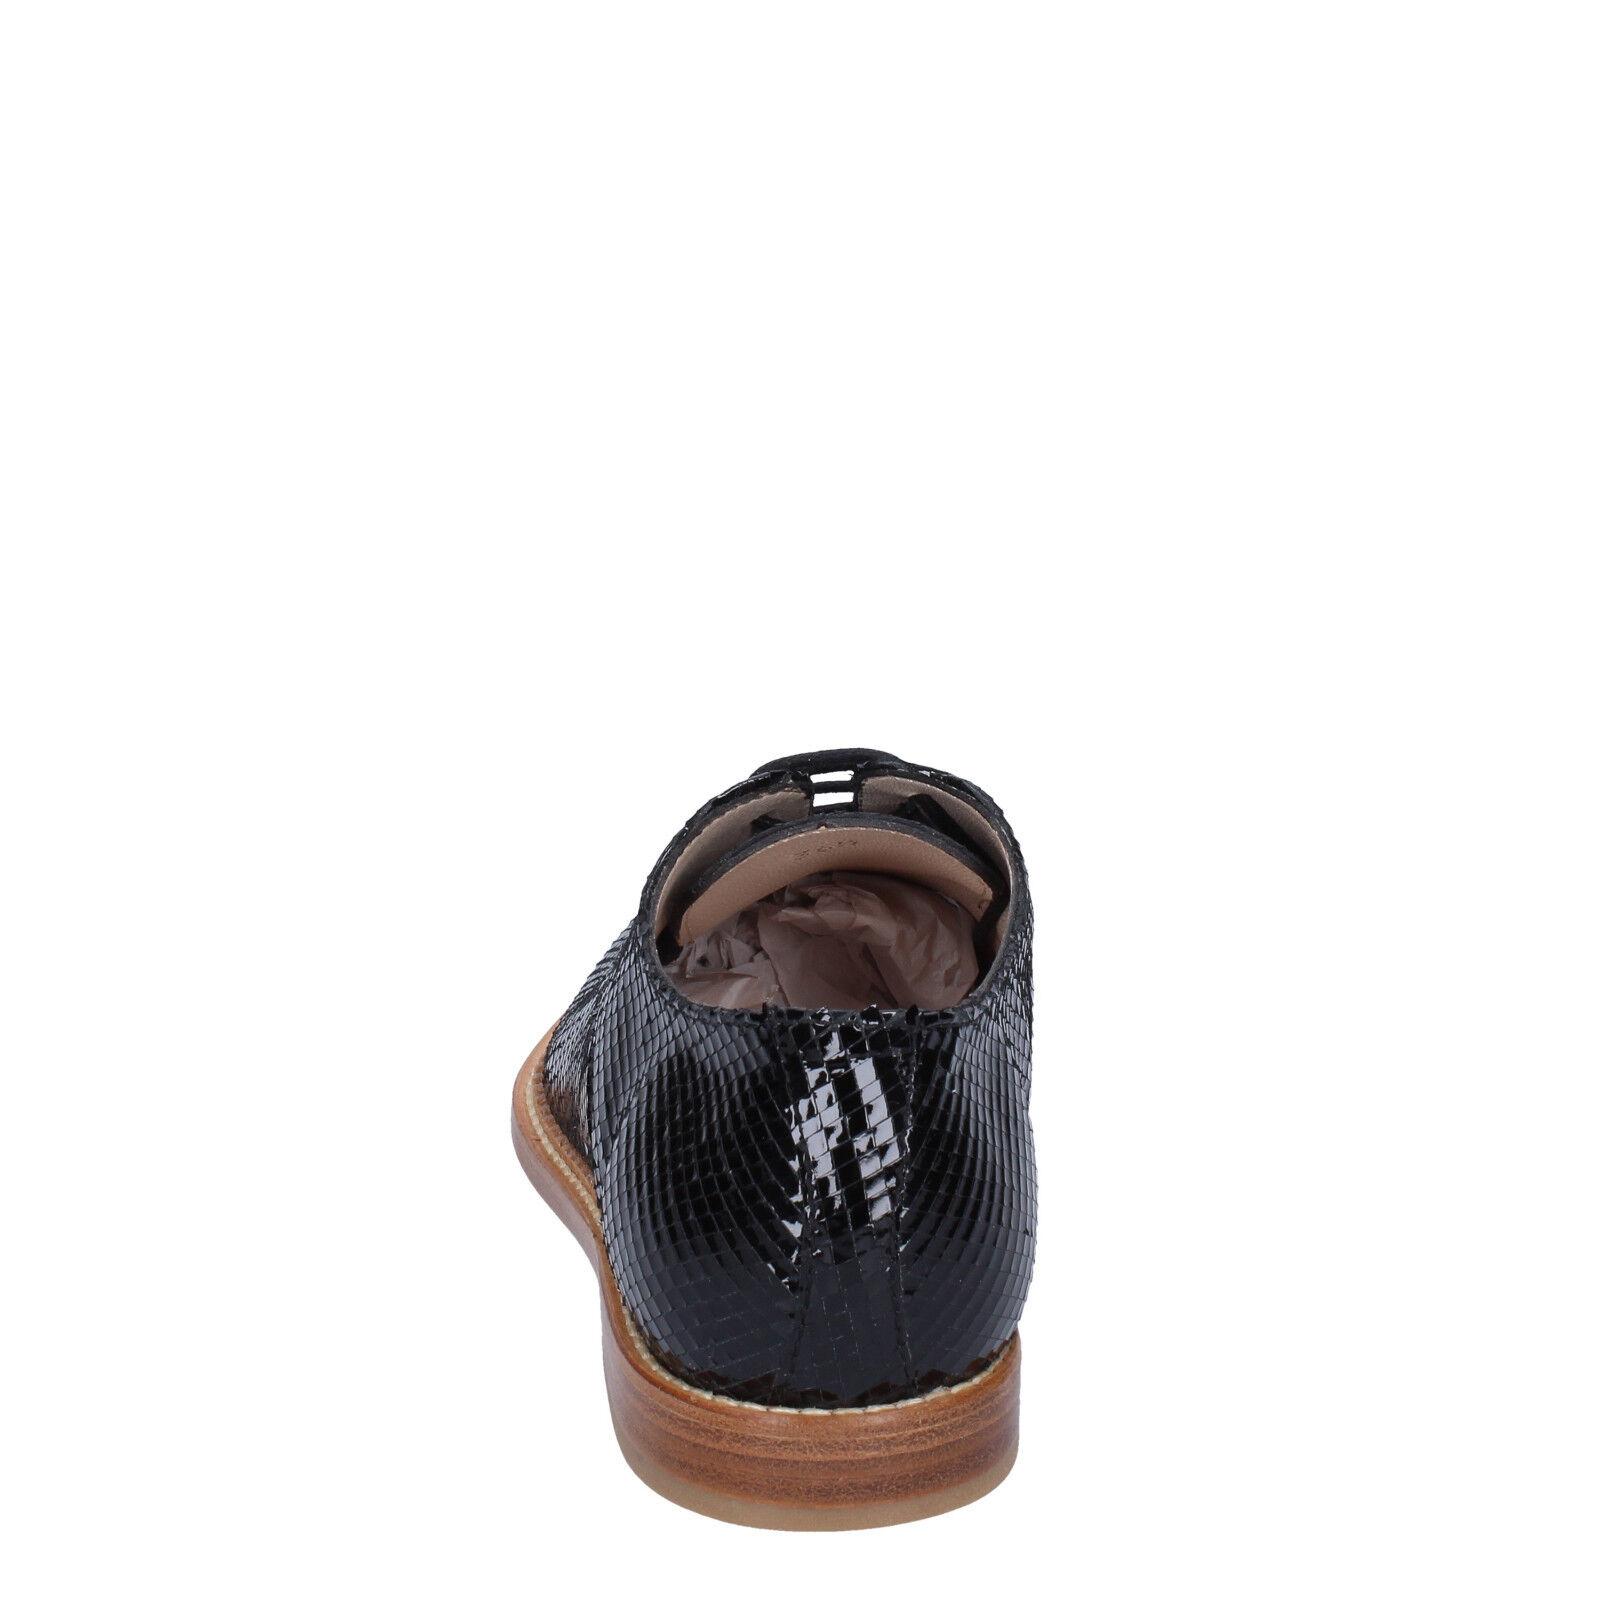 Scarpe donna ARNOLD CHURGIN 36,5 EU classiche nero pelle pelle pelle lucida BT954-36,5   Ufficiale  eb10f7